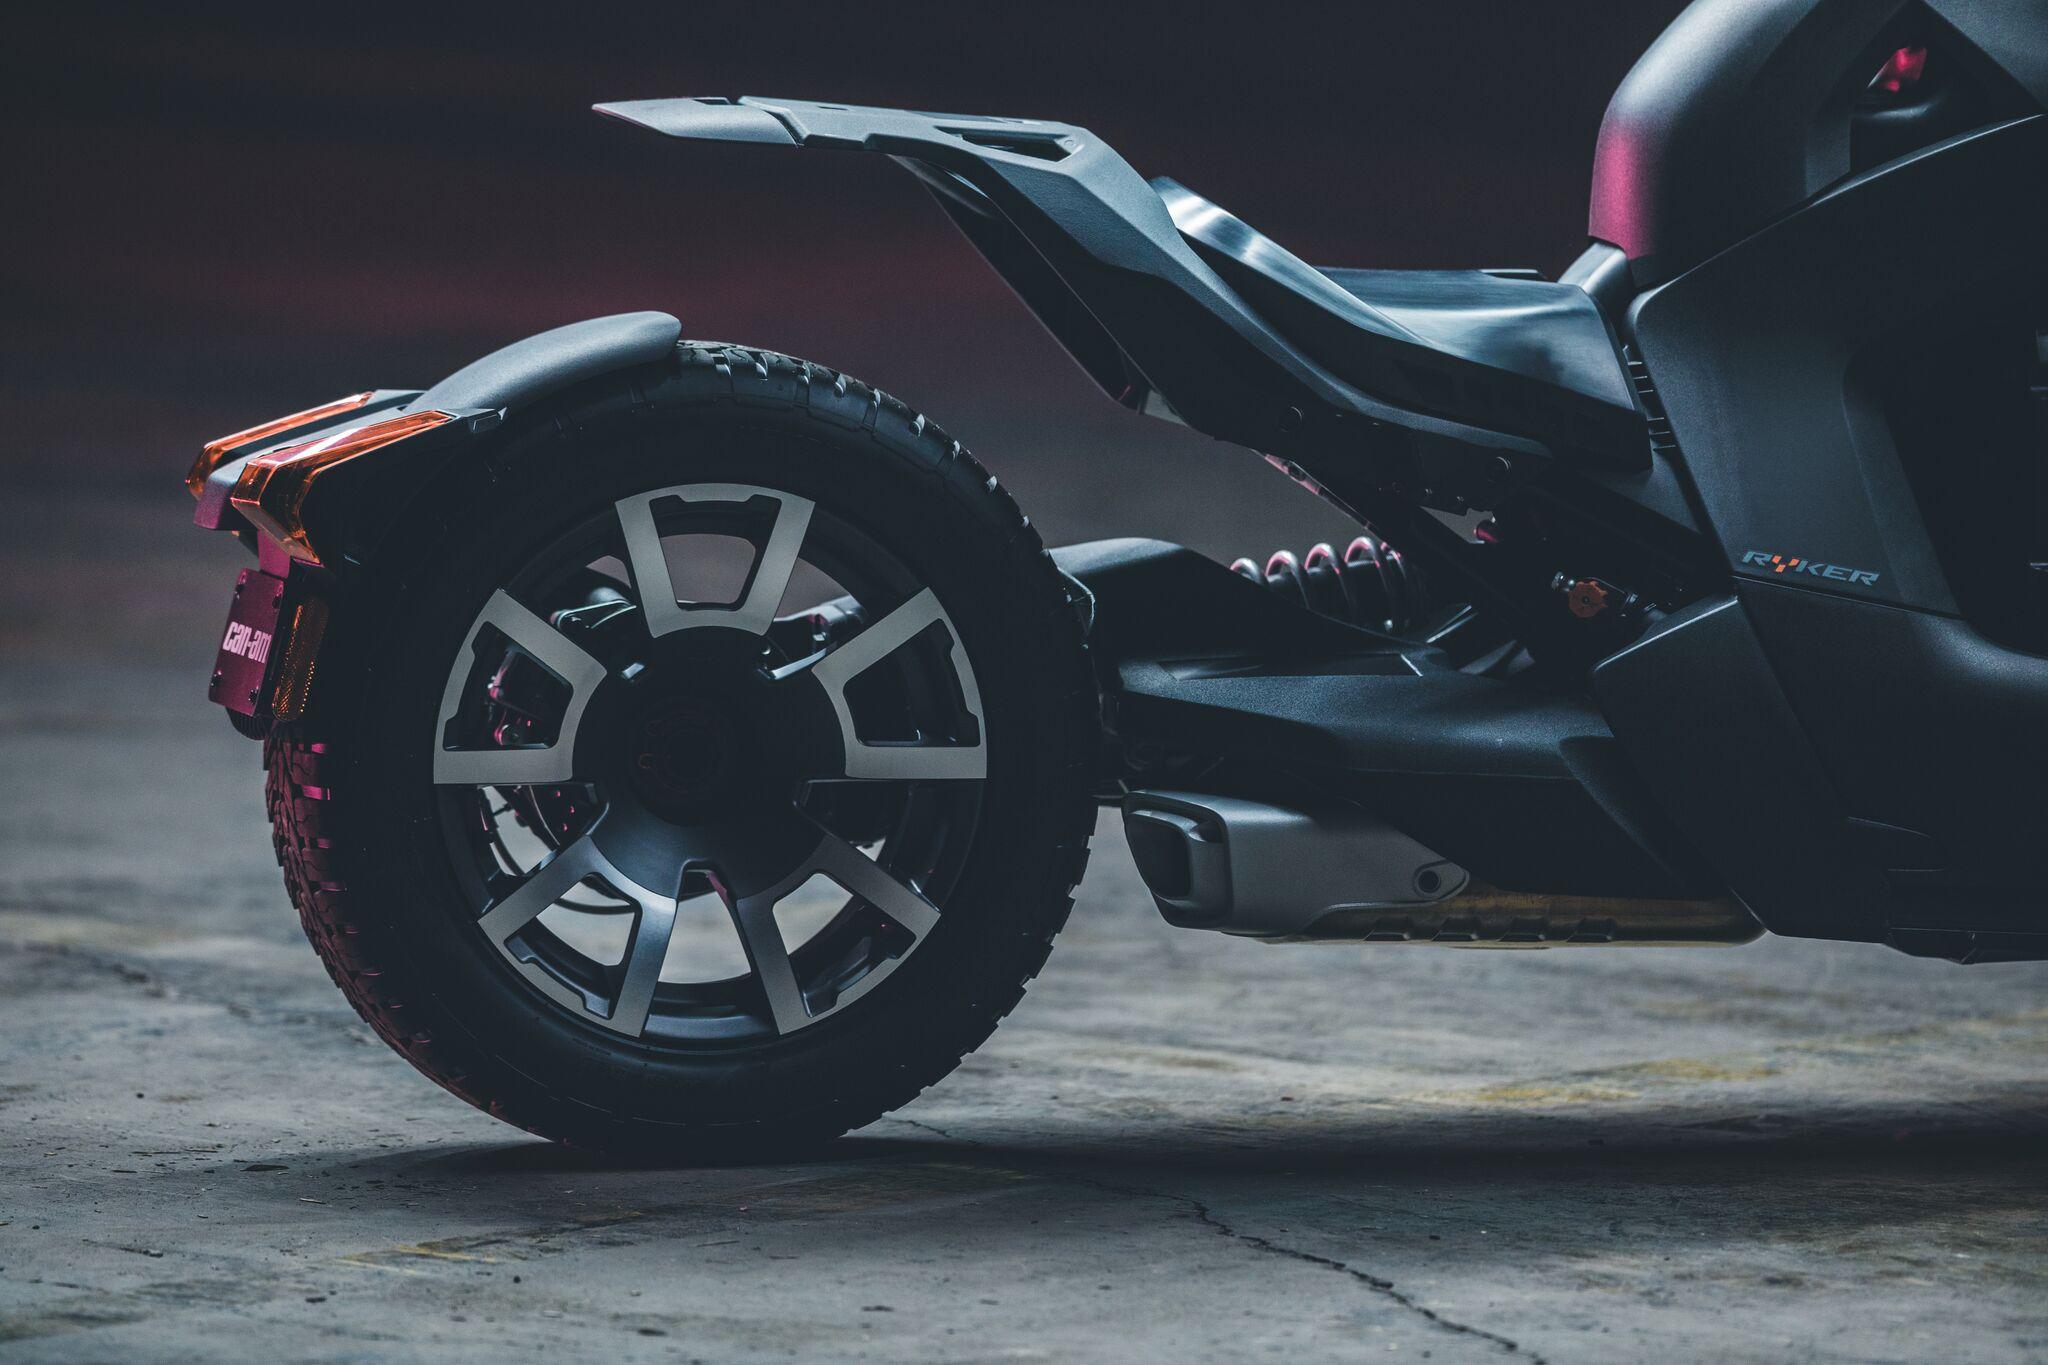 bient t un nouveau trois roues plus abordable sign can am le ryker actu moto. Black Bedroom Furniture Sets. Home Design Ideas